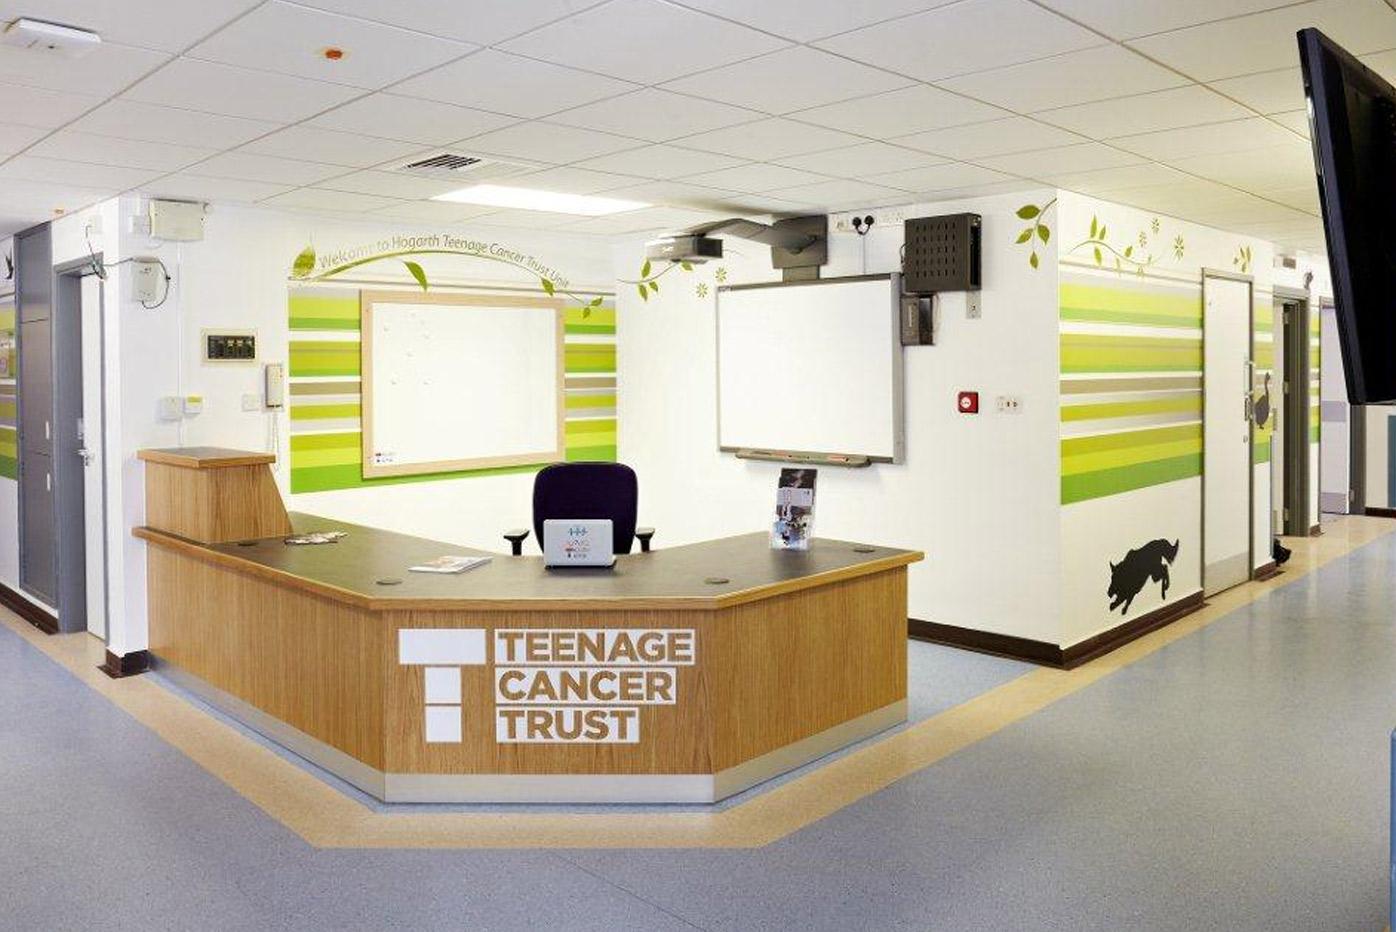 Cancer care ward